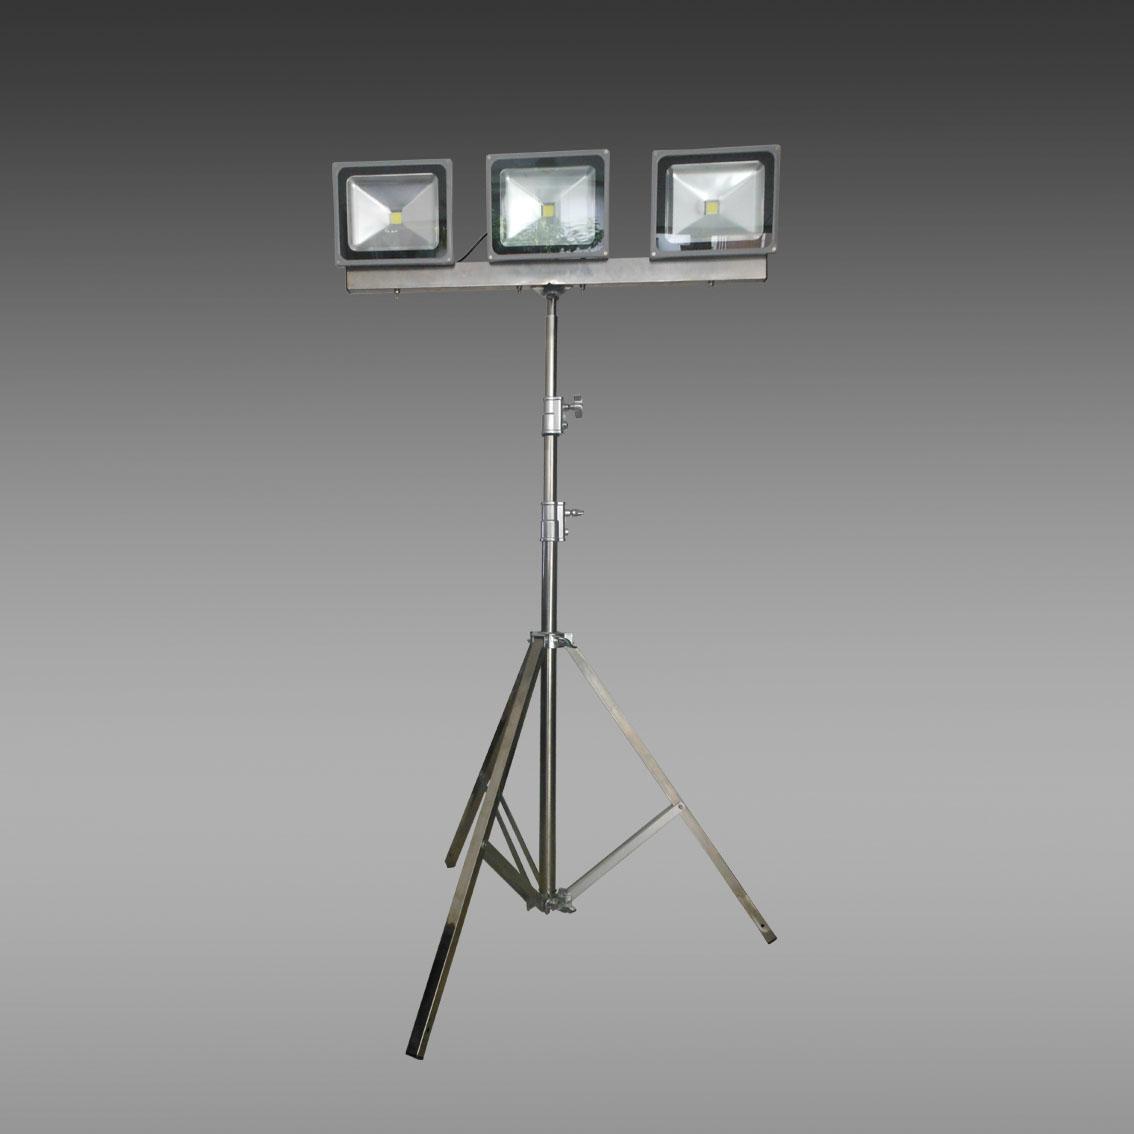 供应轻型升降泛光灯 便携式升降工作灯 手动升降式轻便移动照明灯